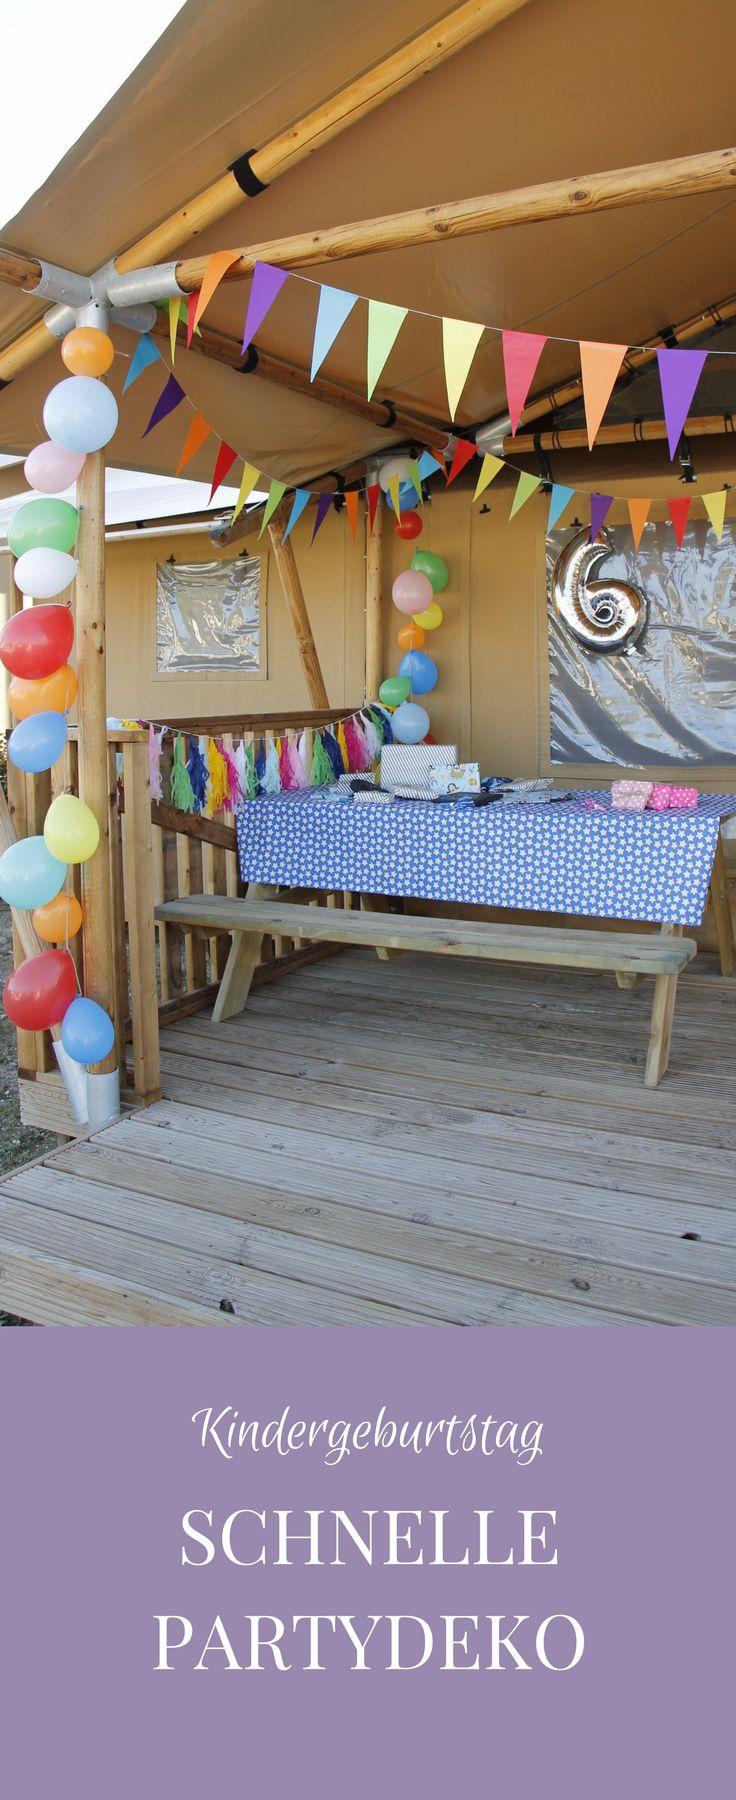 Kindergeburtstag Partydeko: Ideen und Tipps kann man nie genug haben. Tipps für eine schnelle Partydeko findet ihr bei uns im Blog. Die Party Deko ist übrigens nicht nur für den Kindergeburtstag, sondern auch für Sommerpartys o.ä. geeignet.